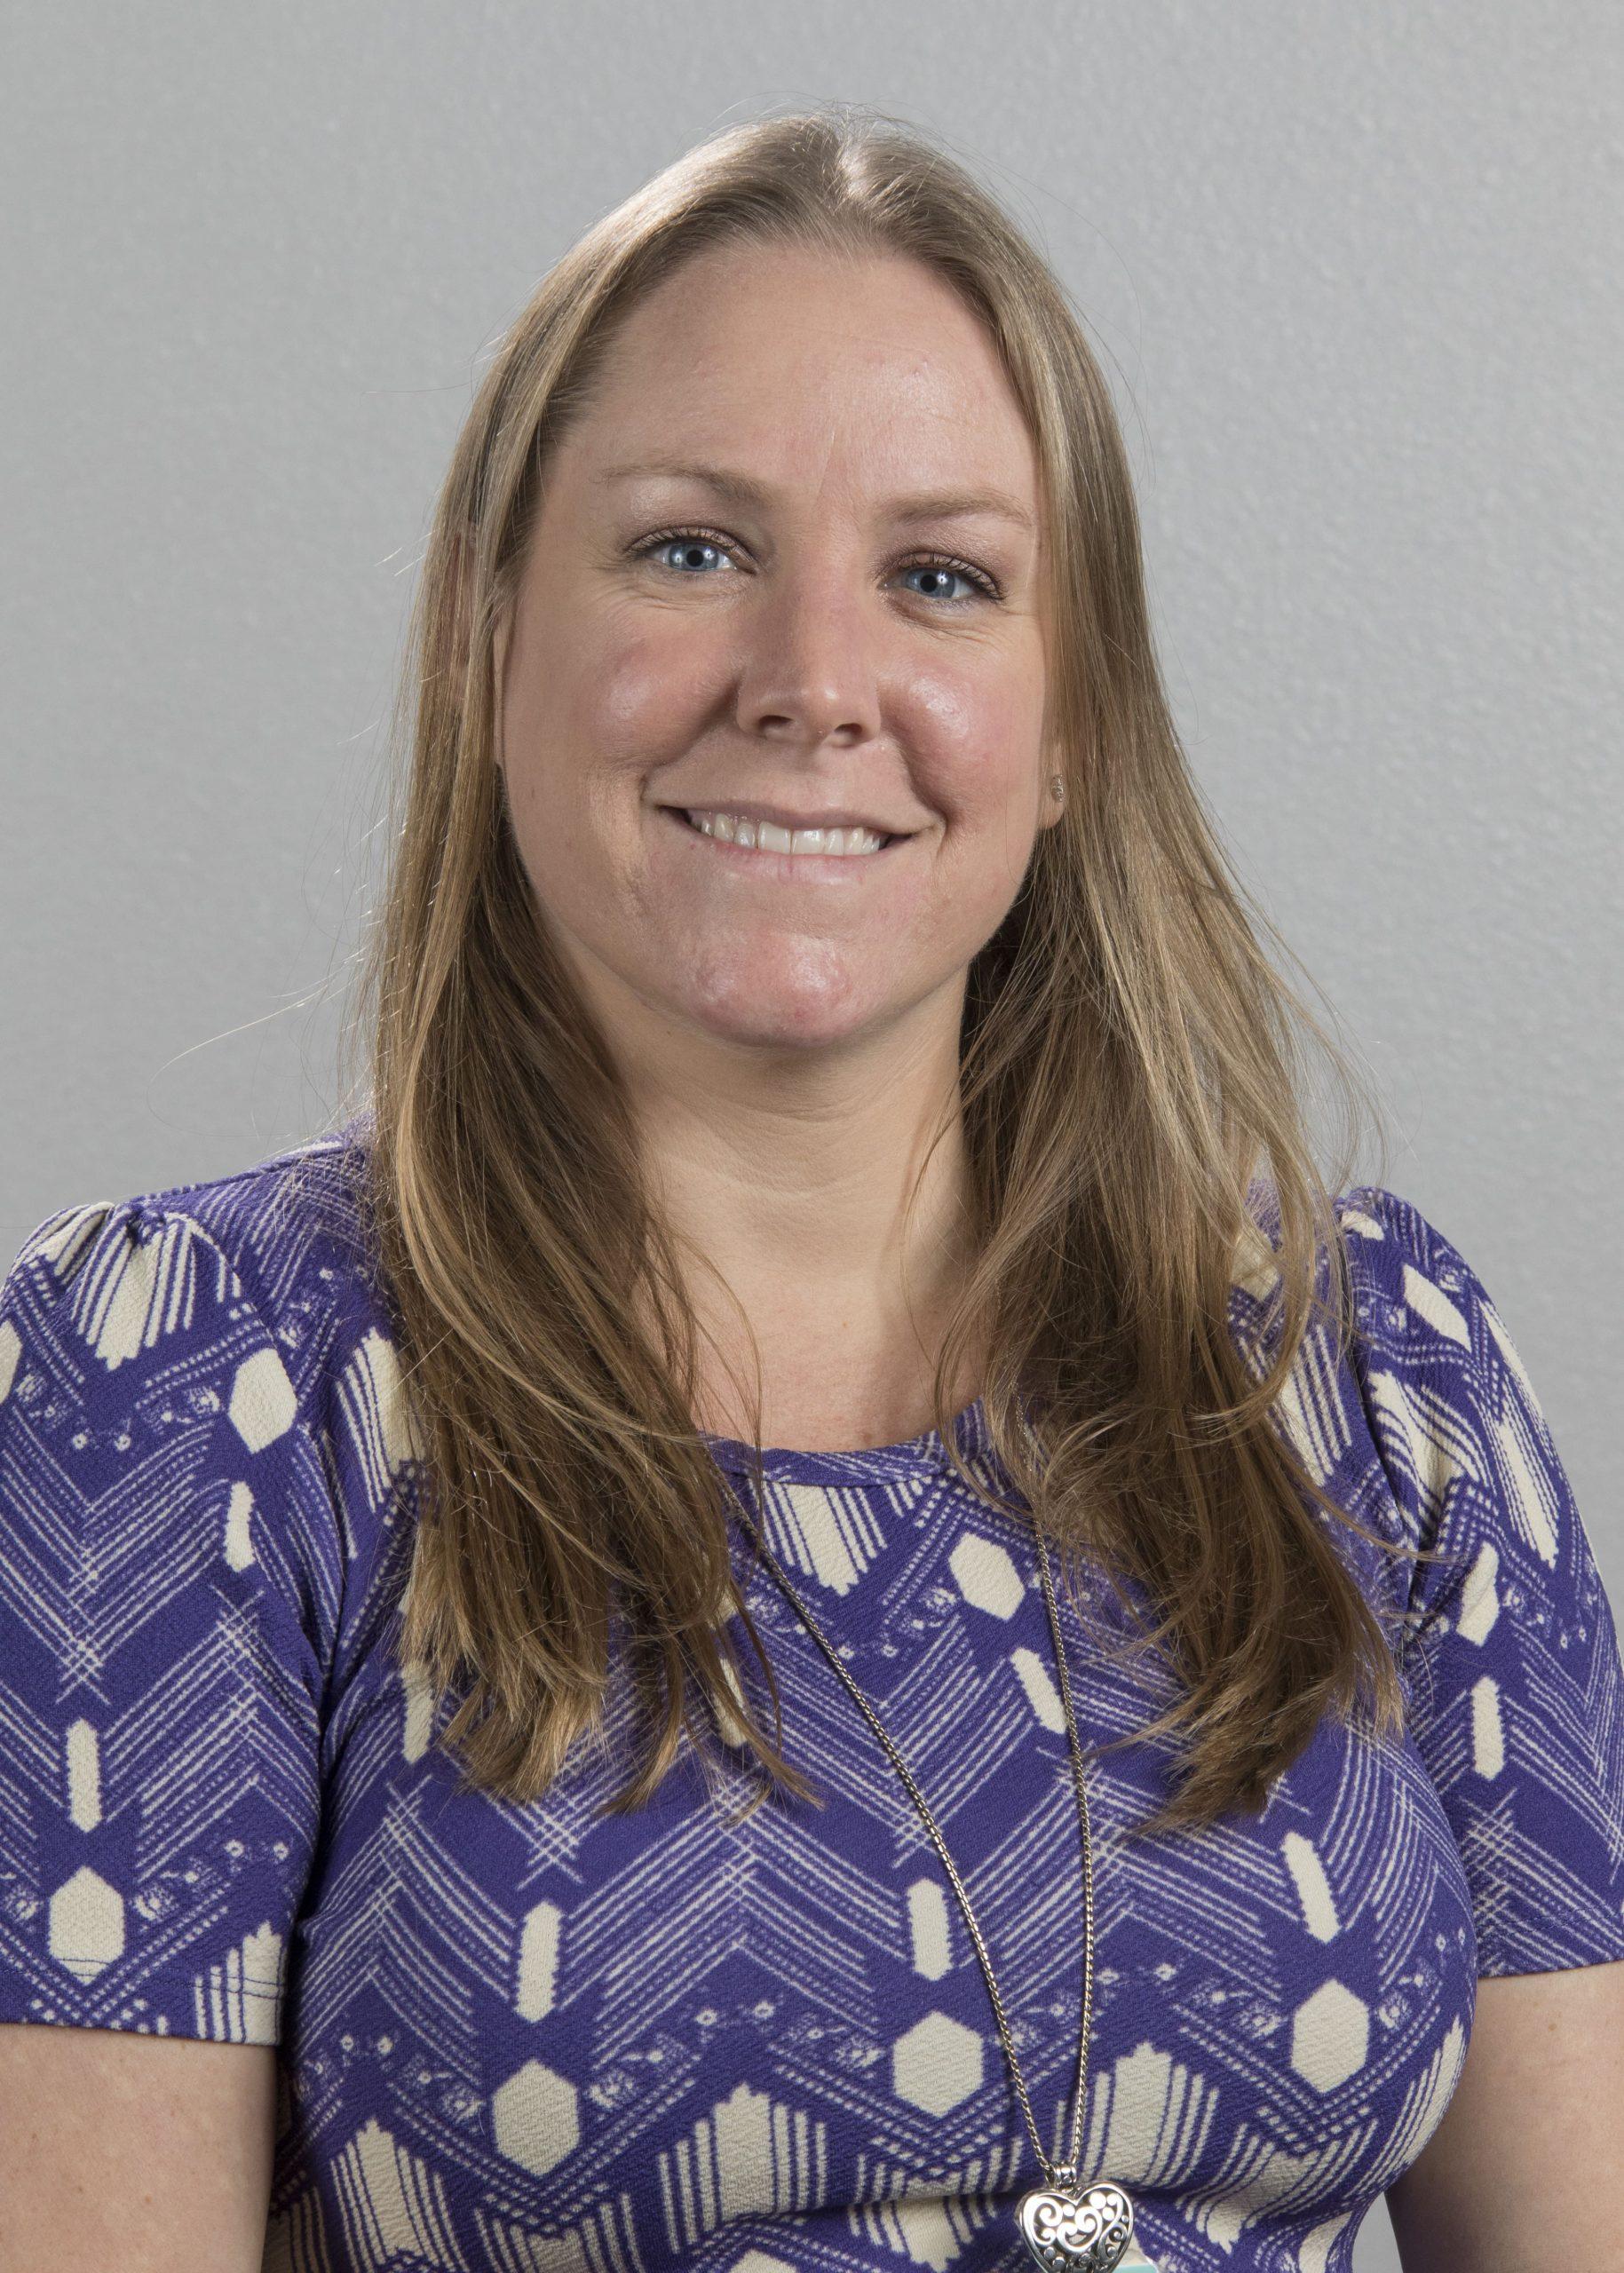 Becky Satterly